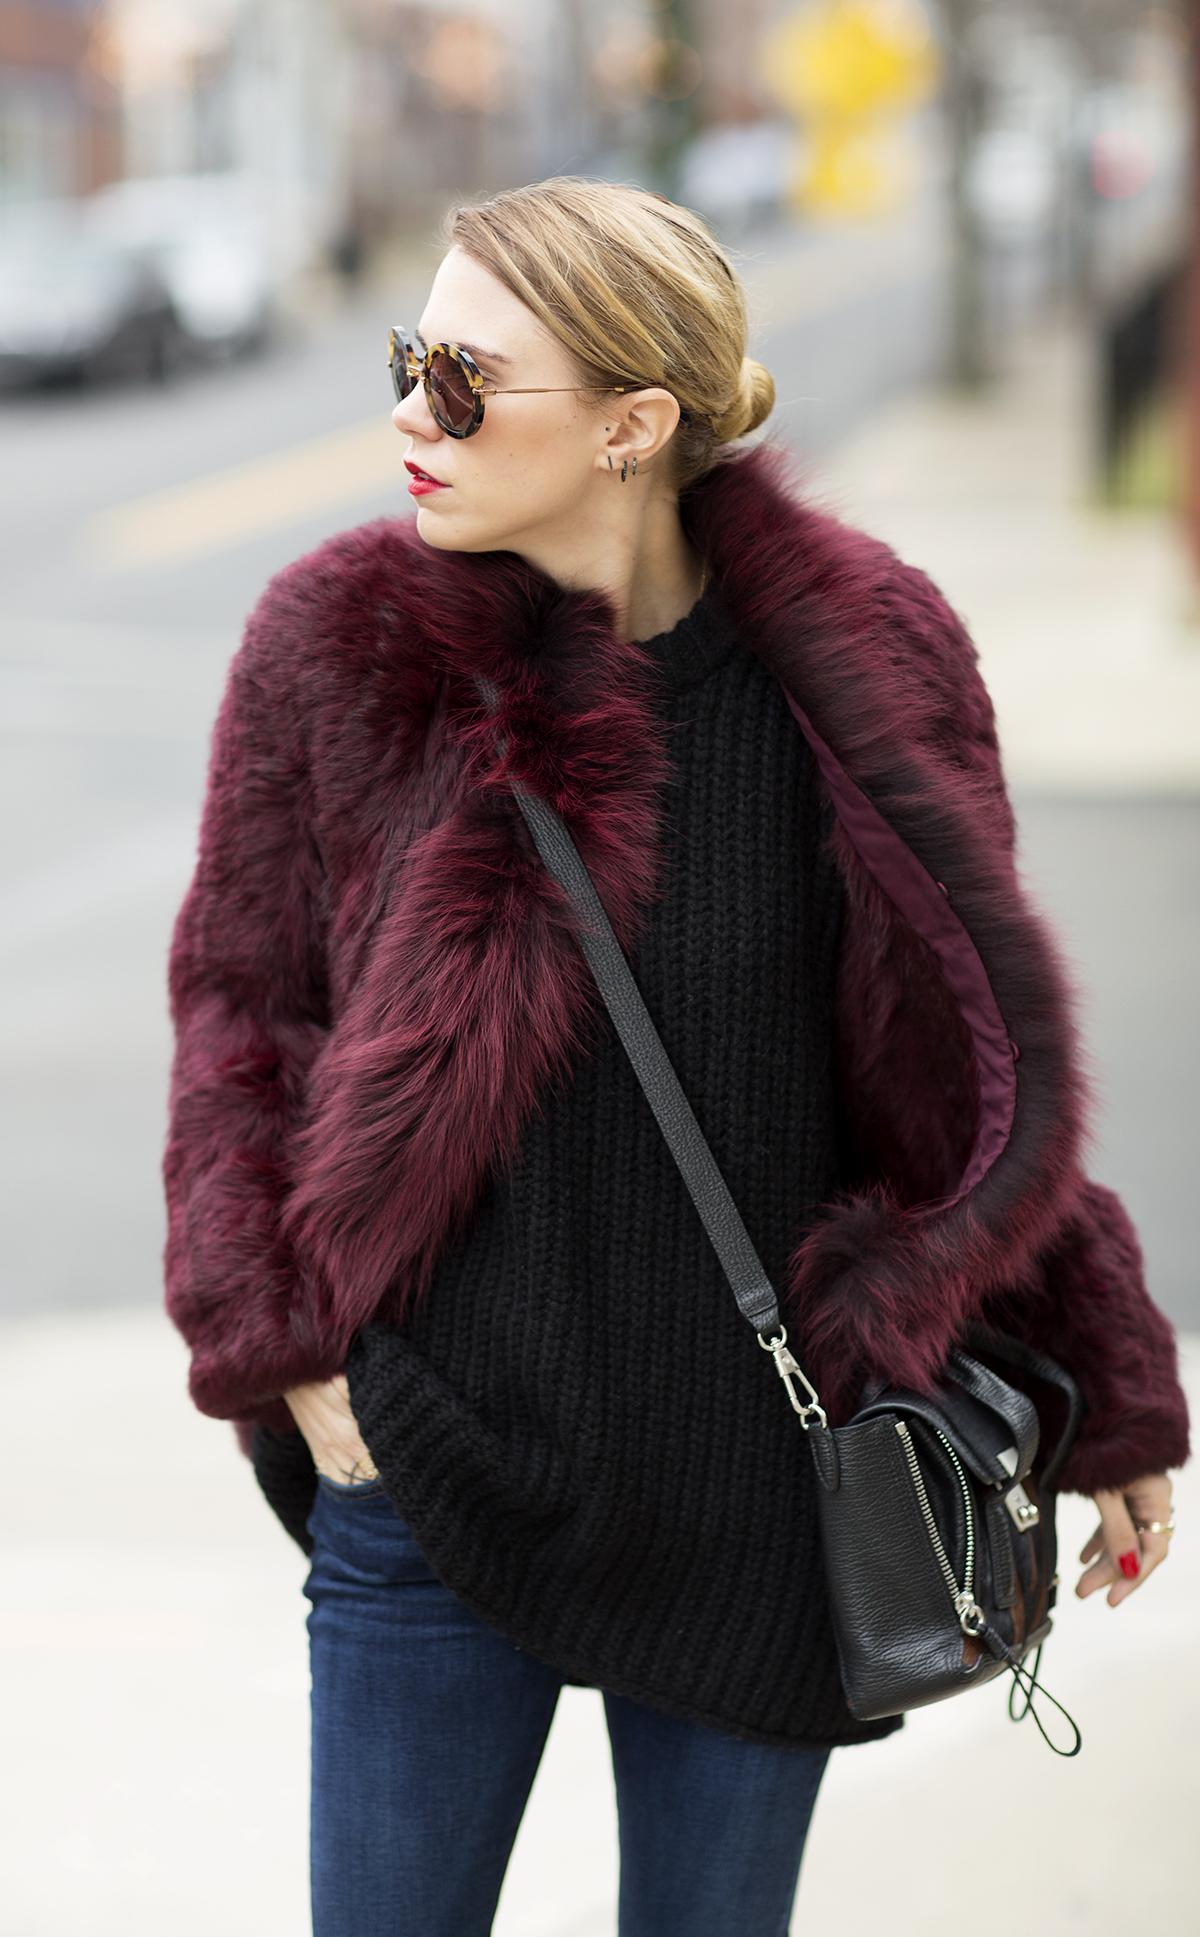 Elizabeth-and-james-fur-3